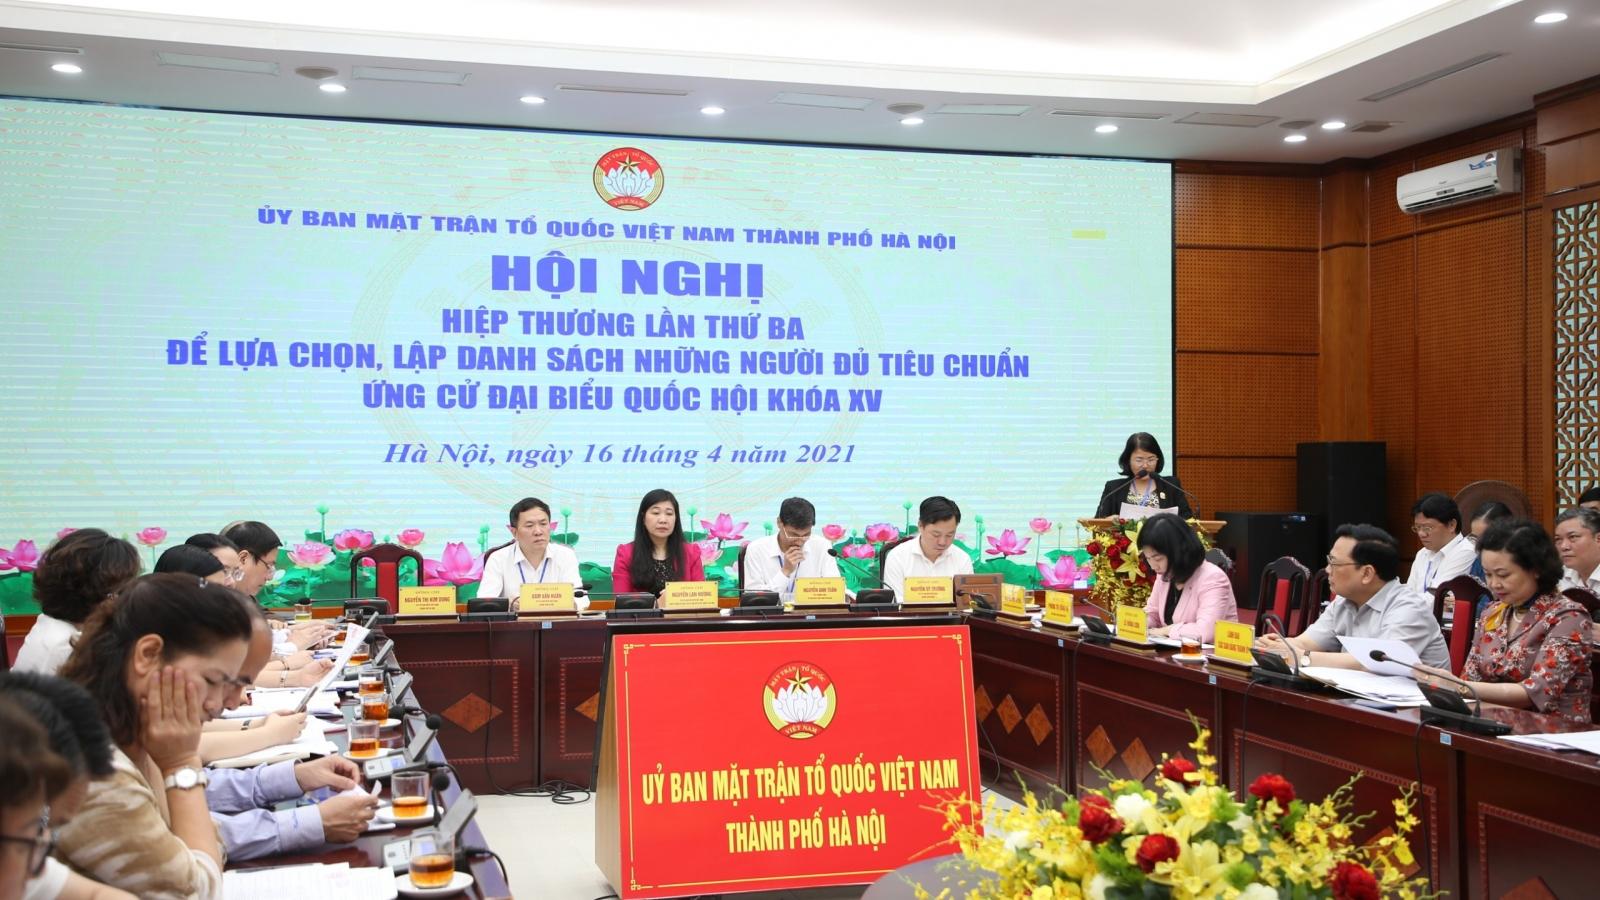 Giám đốc BV Bạch Mai Nguyễn Quang Tuấn được giới thiệu ứng cử ĐBQH